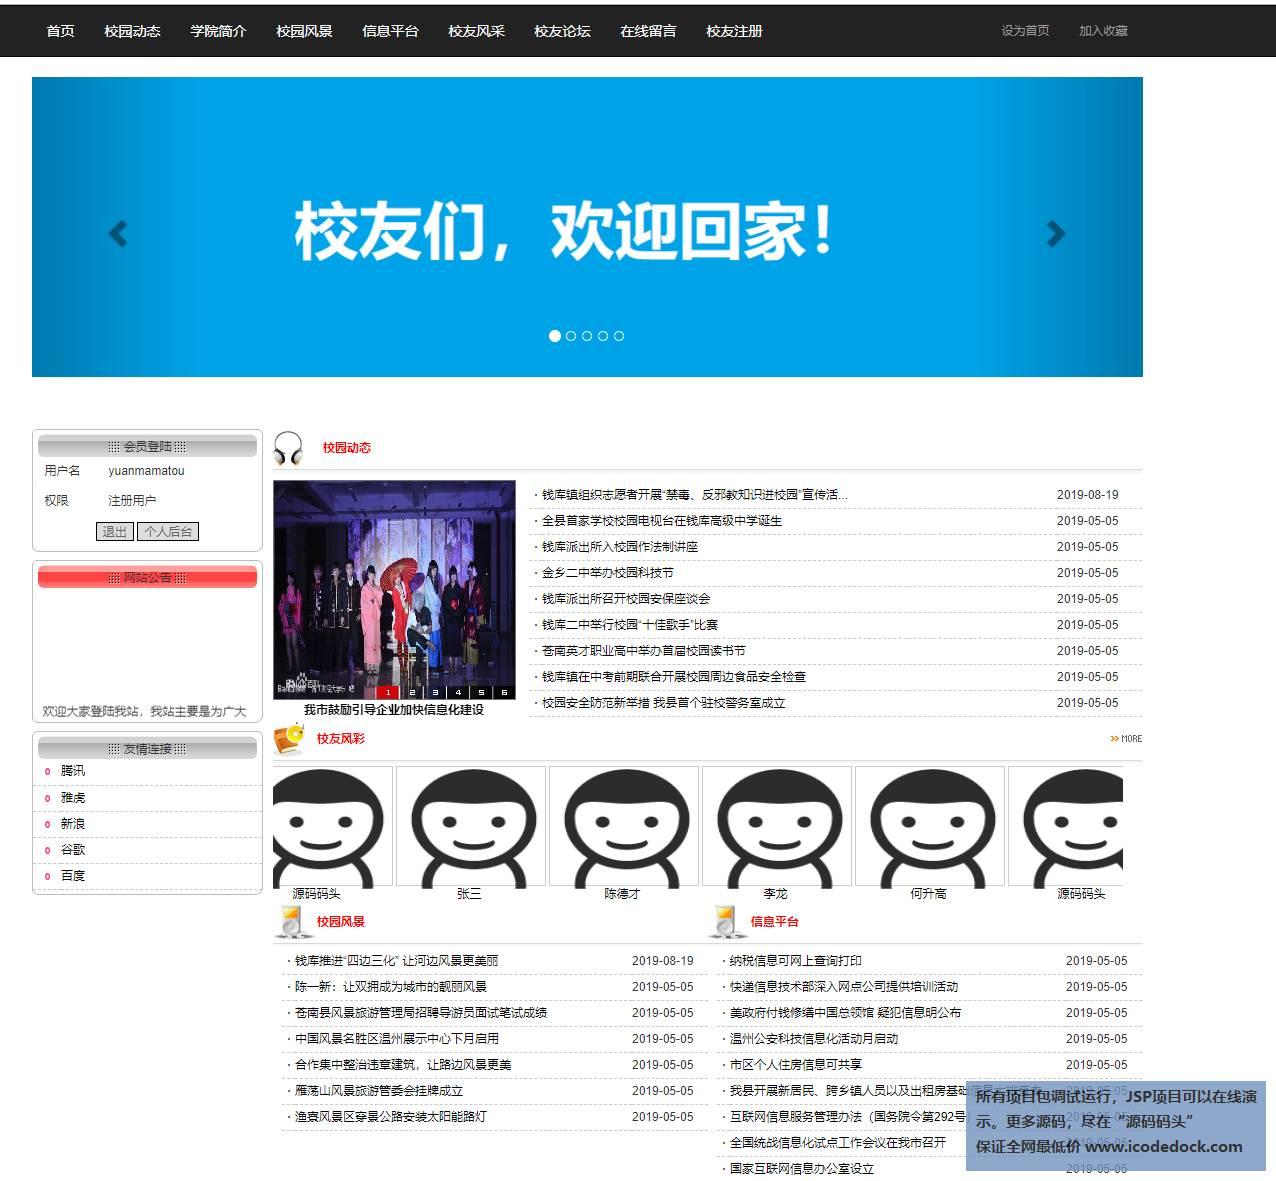 源码码头-JSP校友同学网站管理系统-用户角色-用户登录